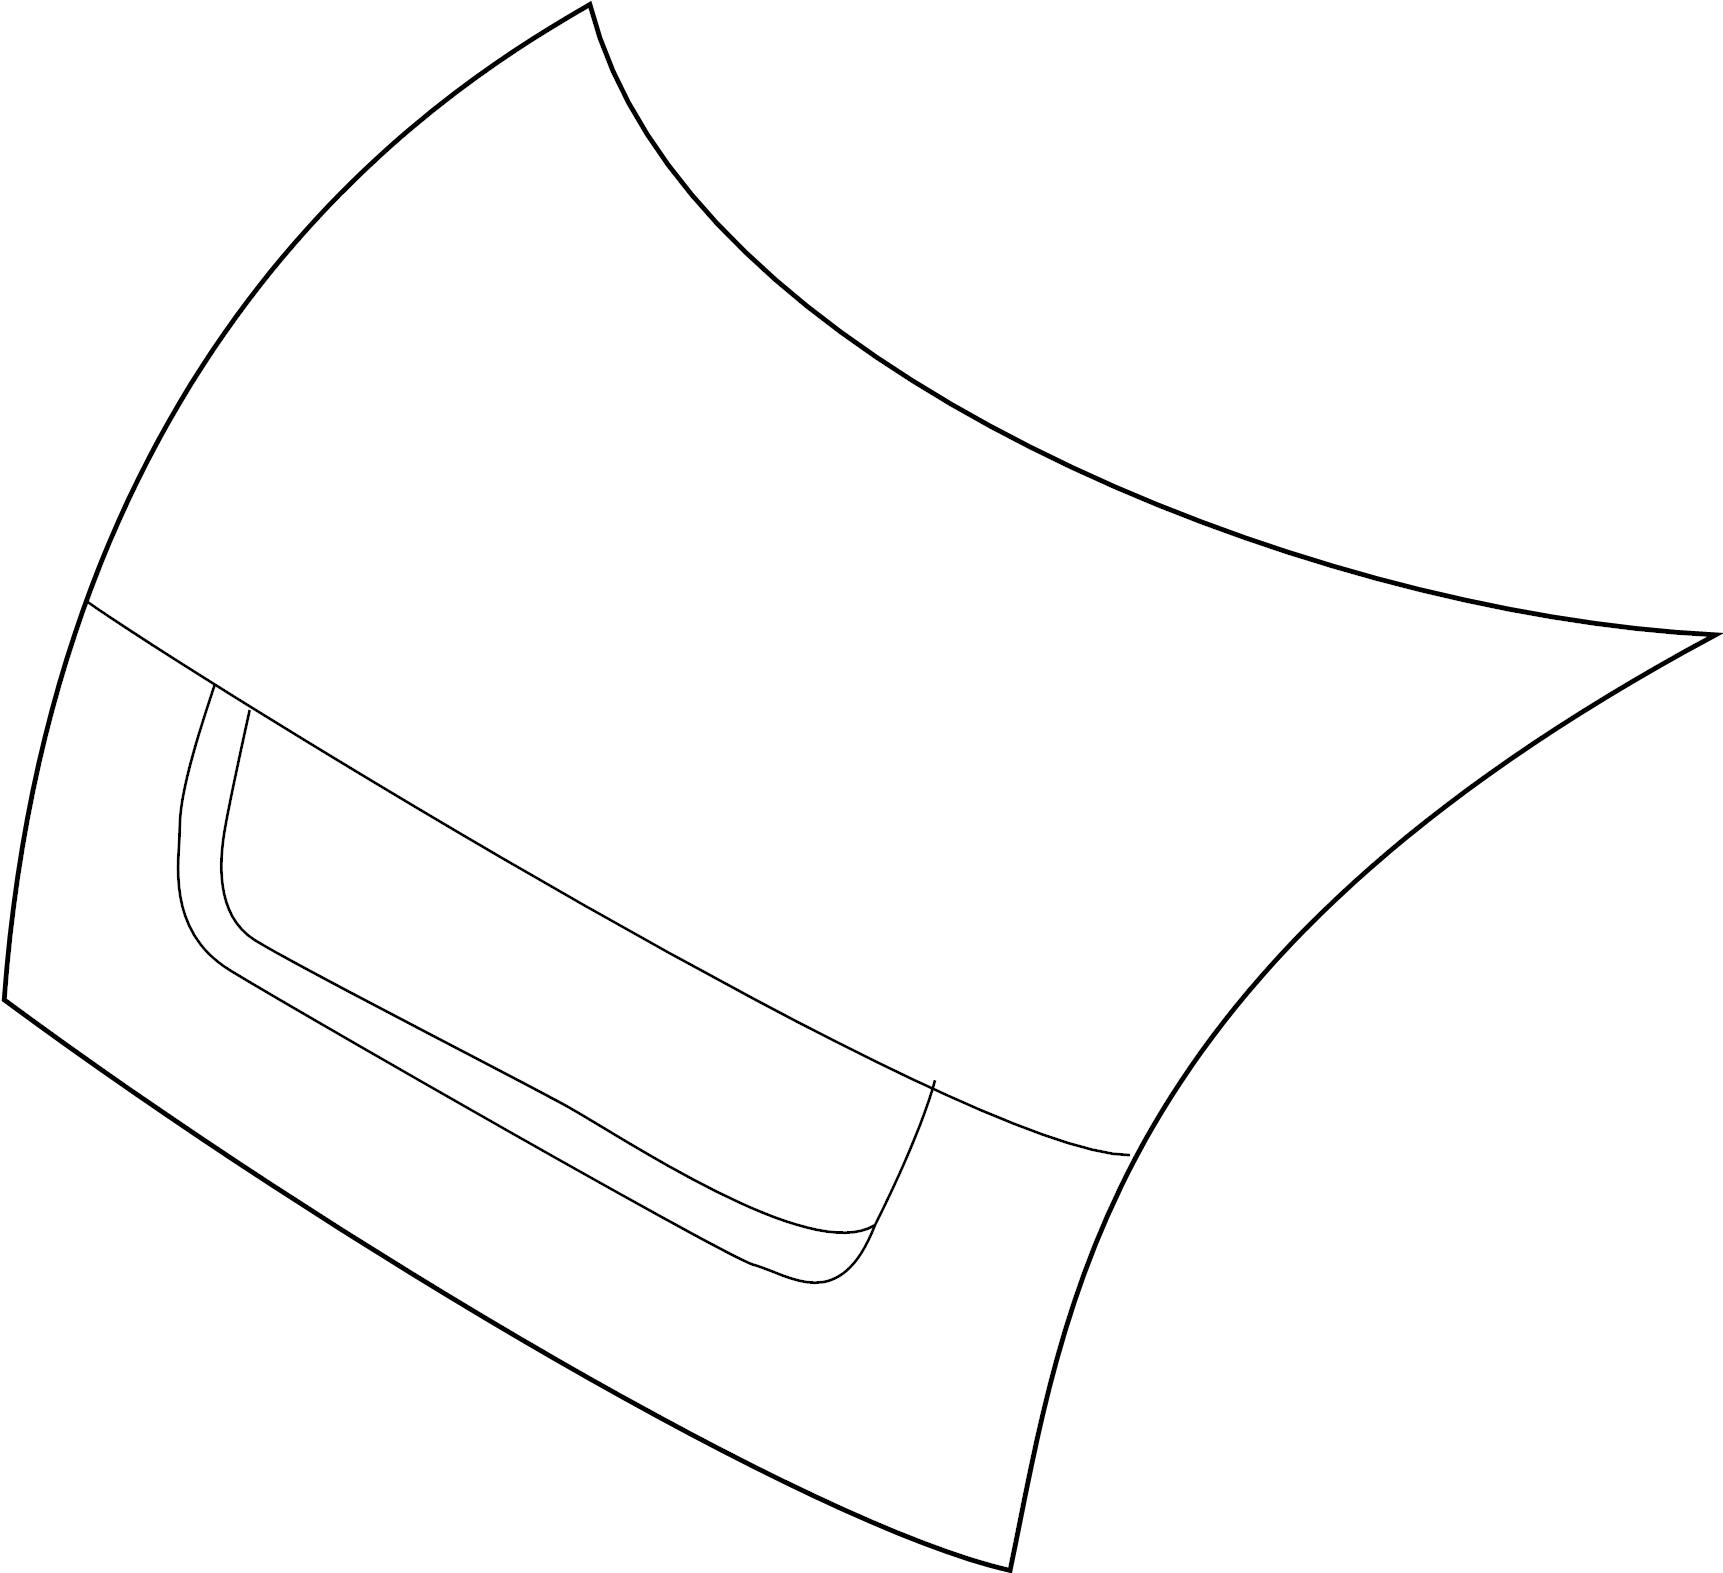 tags: #67 mustang motor mount#67 mustang steering shaft#67 mustang blower  motor#67 mustang power steering conversion kit#67 mustang idler arm#67  mustang